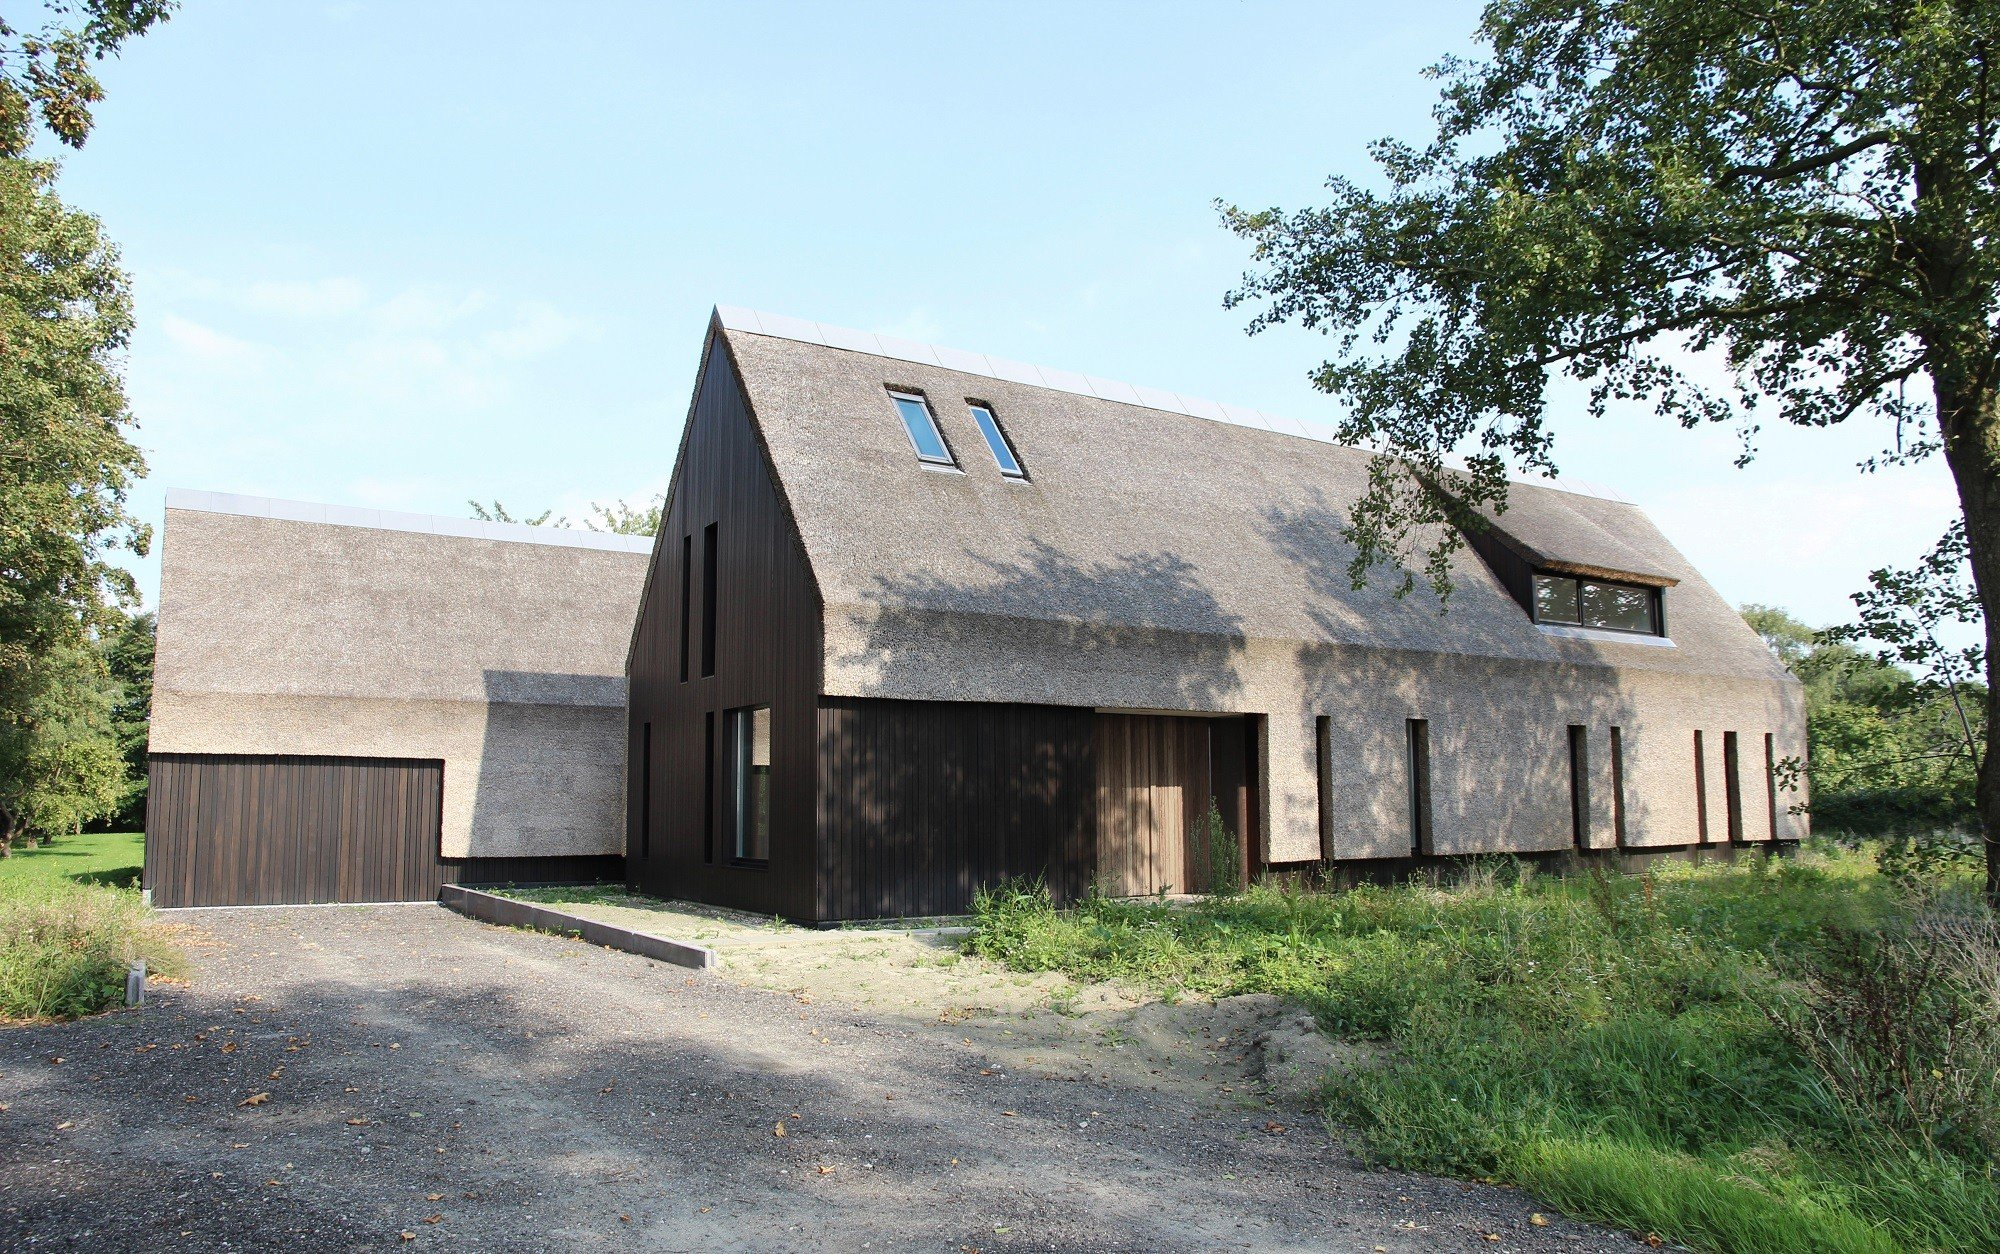 Wohnhaus in goes nachhaltig bauen wohnen baunetz wissen for Wohnhaus bauen